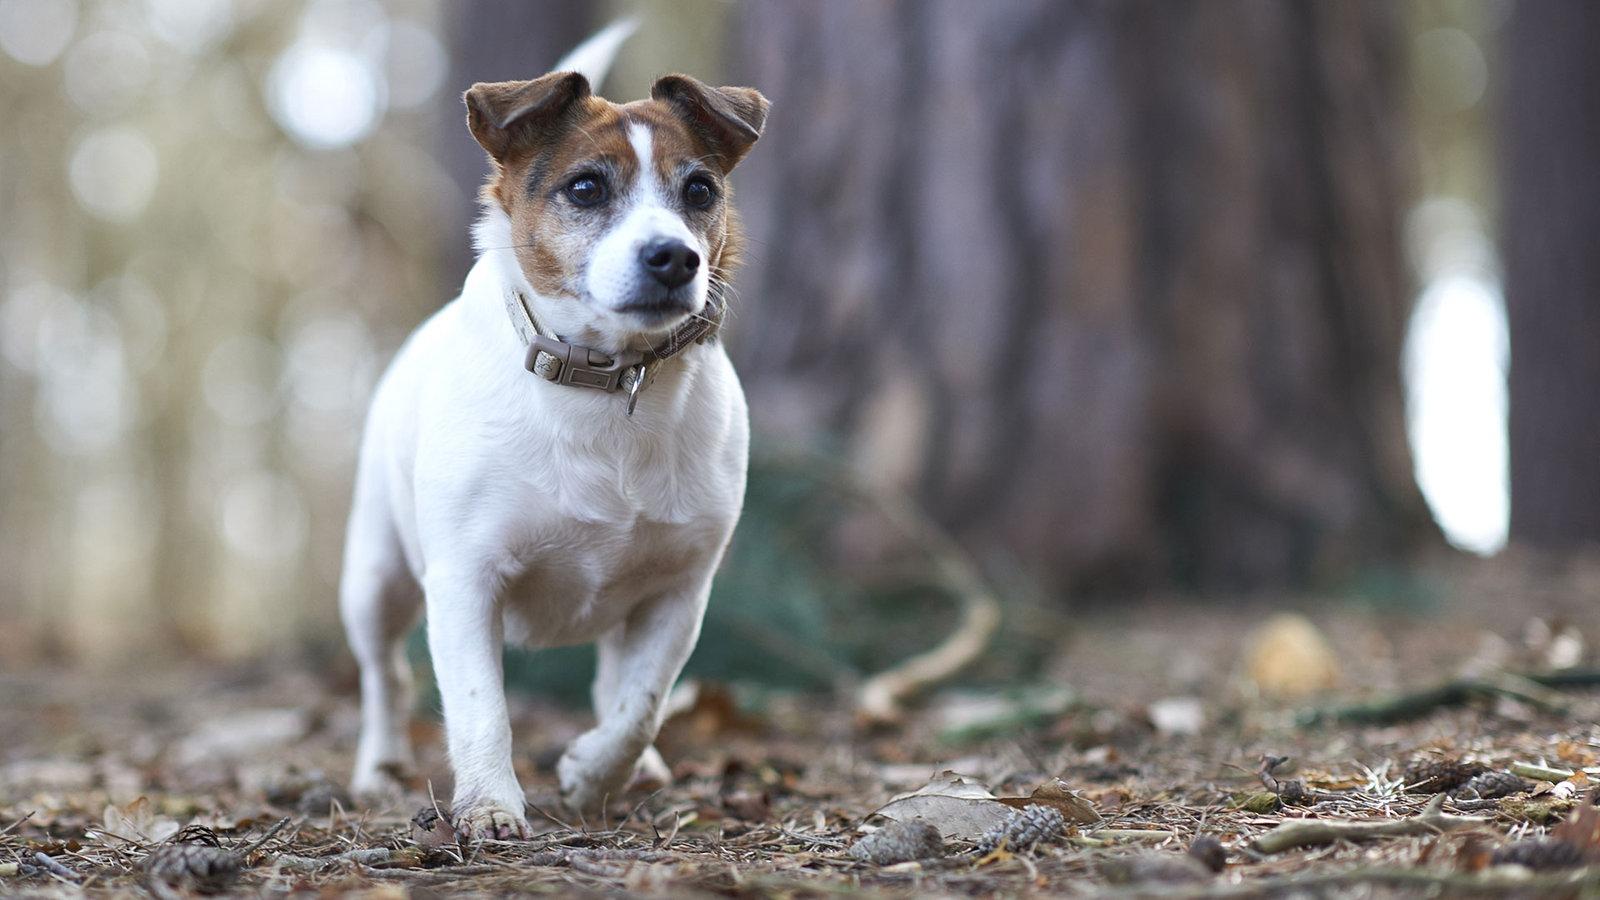 Zehn Dinge Die Kleine Hunde Nicht M 246 Gen Tiere Suchen Ein Zuhause Fernsehen Wdr